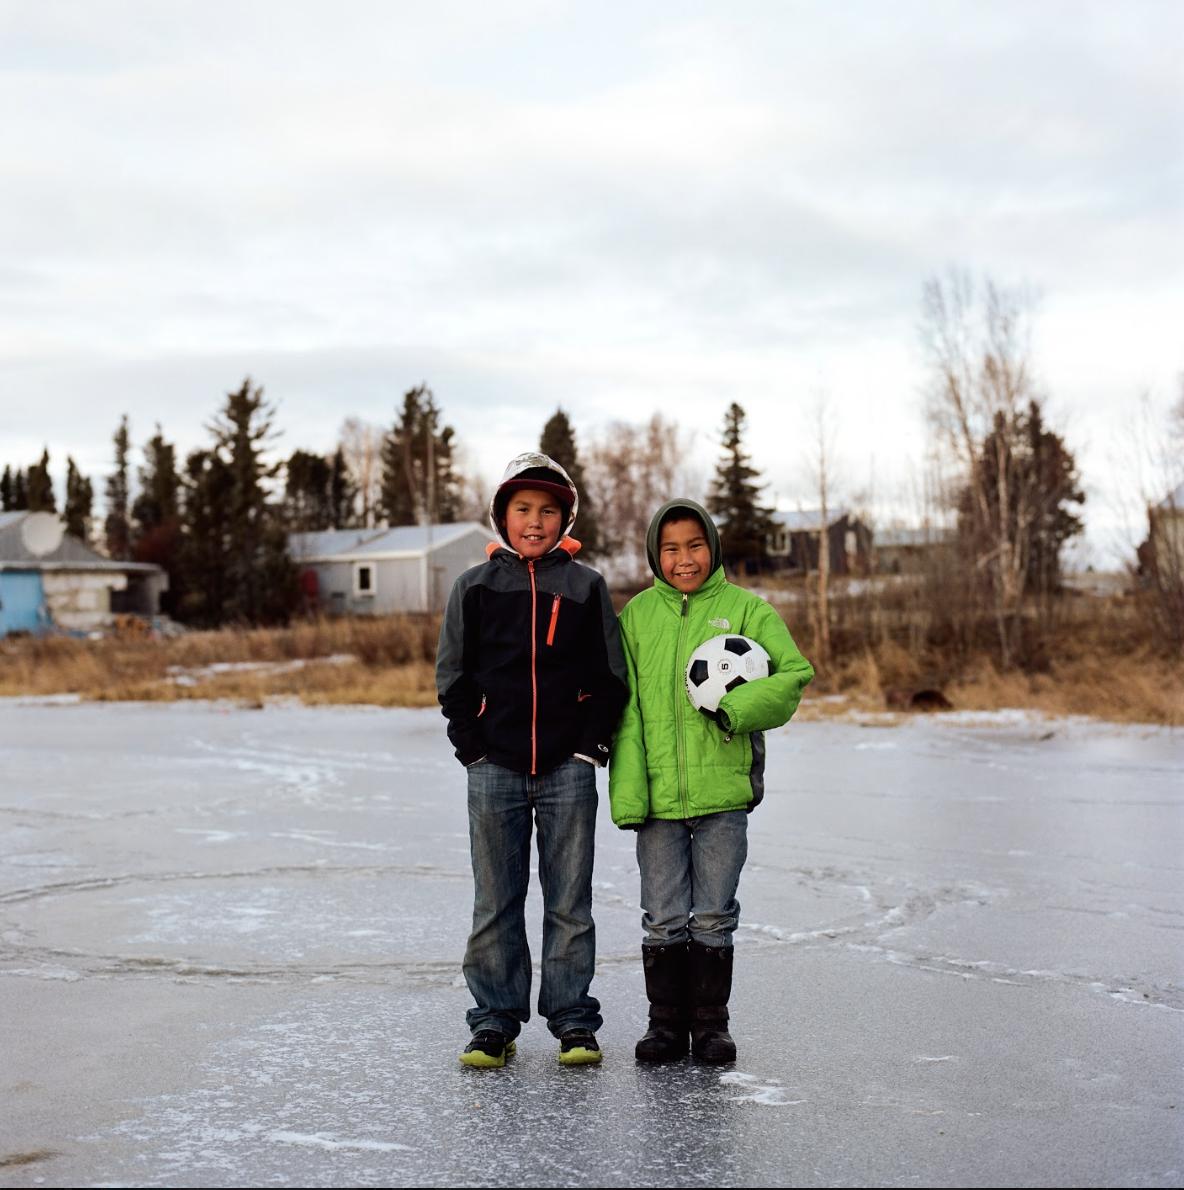 alaskan inuit education alignment summit icc alaska